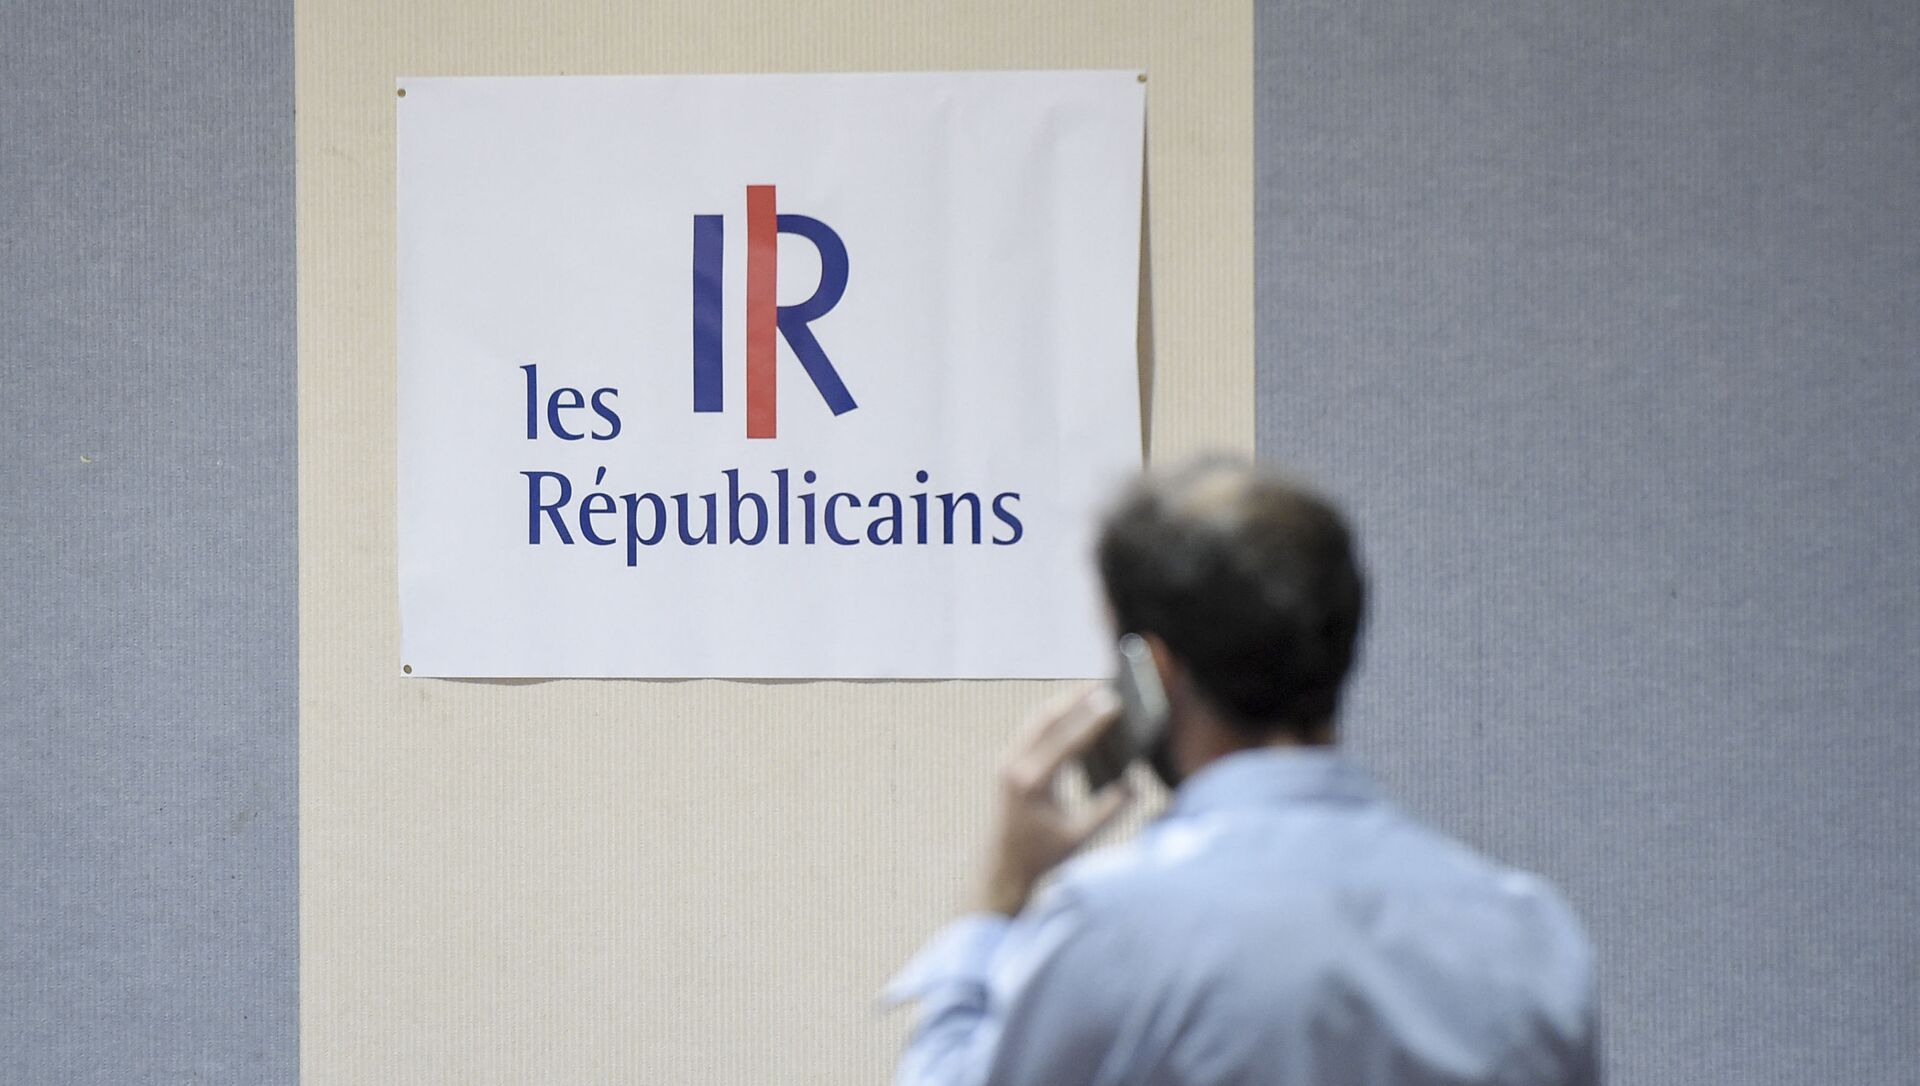 Un homme devant le logo les républicains (LR) - Sputnik France, 1920, 25.03.2021